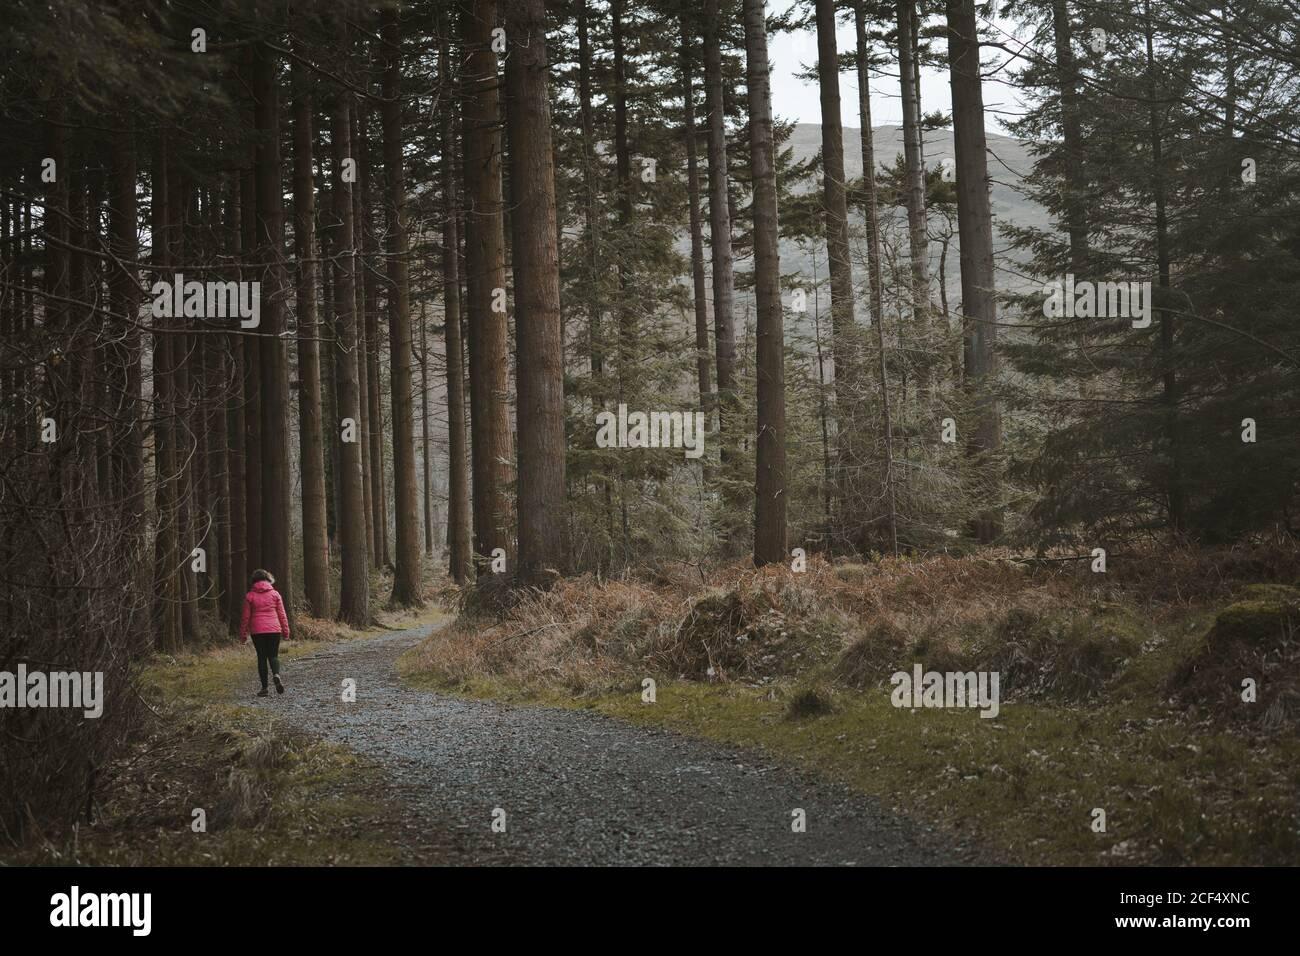 Vue arrière d'une femme anonyme en veste chaude marchant Sur la forêt lors de la visite du parc forestier de Tollymore en Irlande du Nord au printemps Banque D'Images